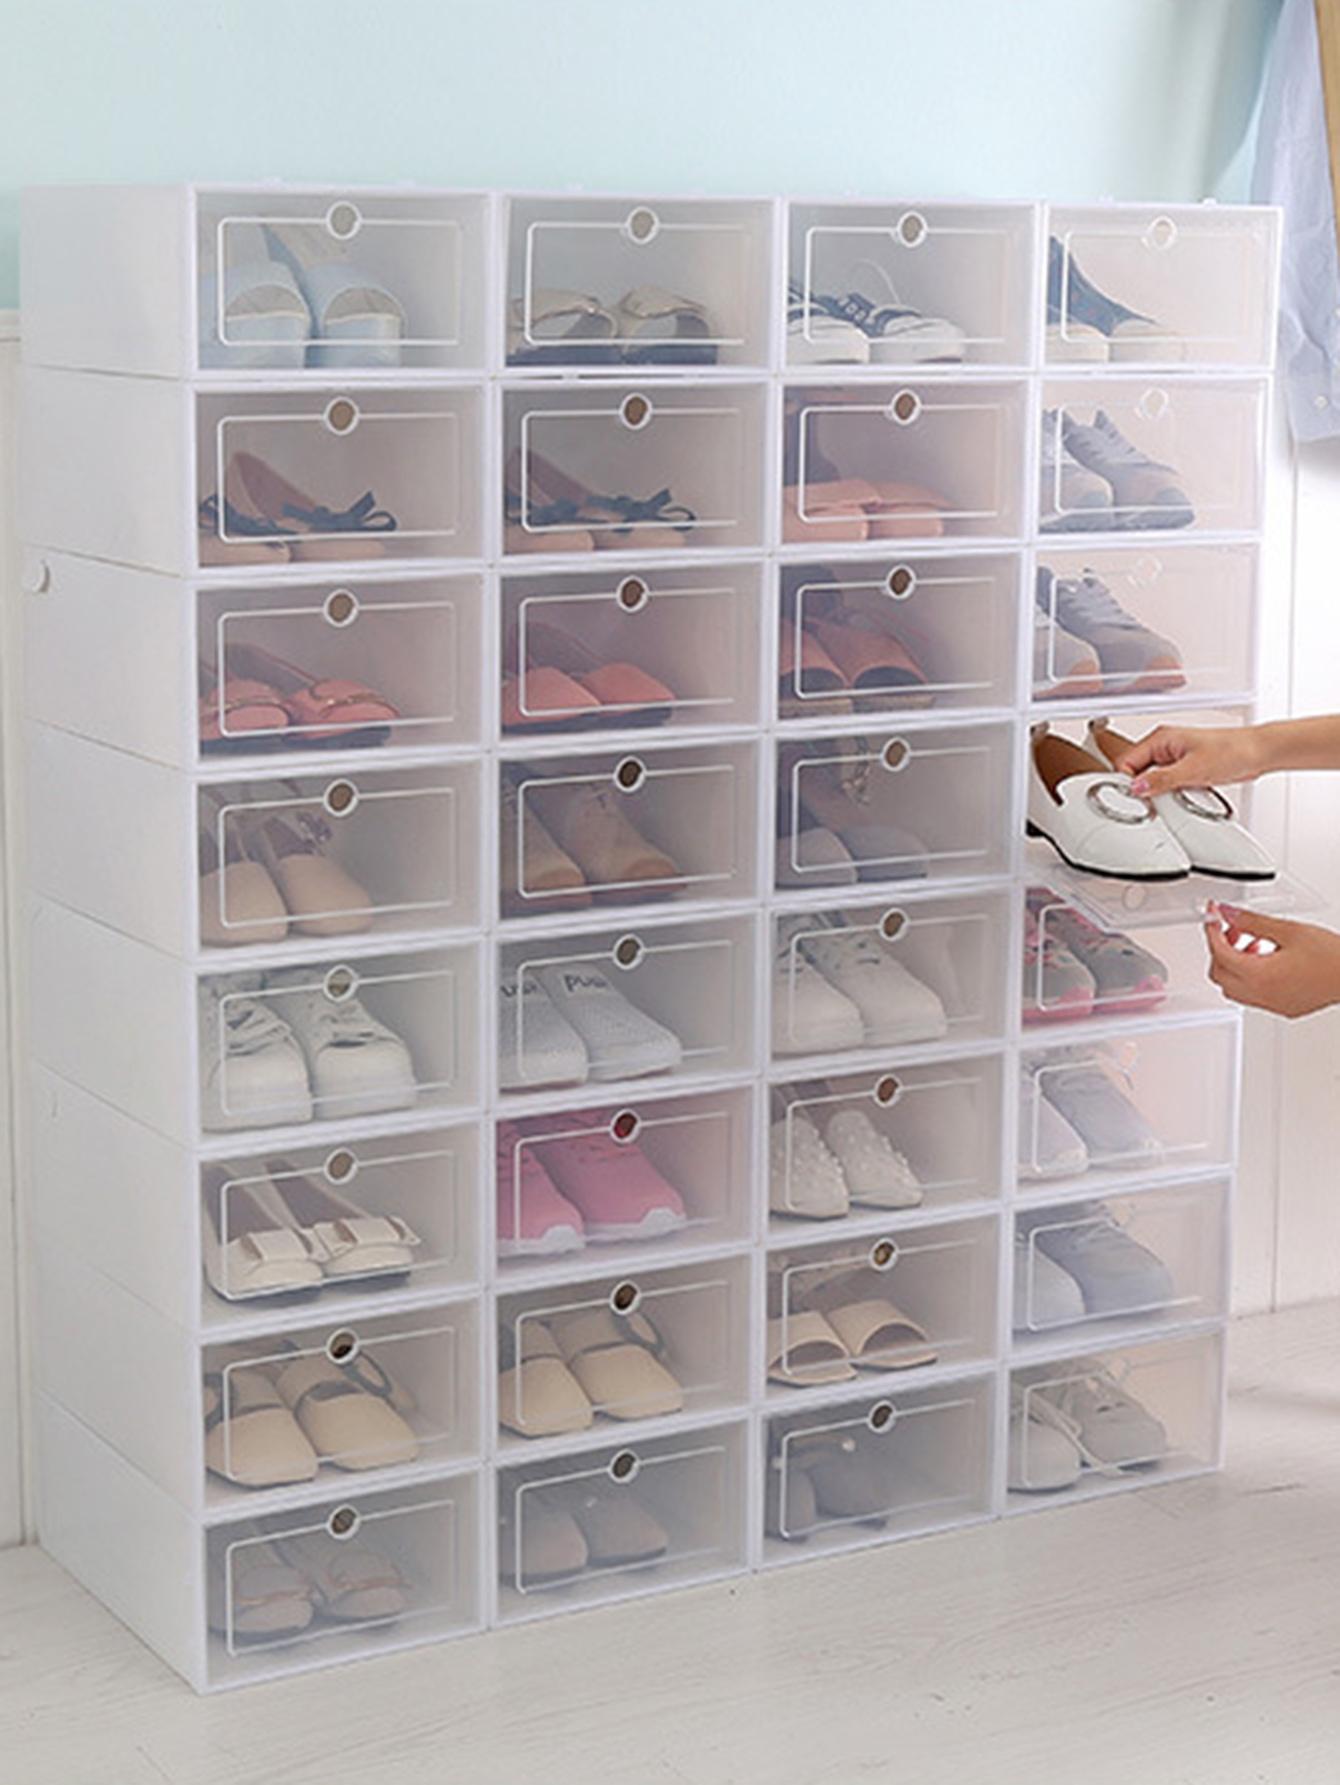 Boîte de rangement rectangulaire pour chaussures 1 pièce | ROMWE